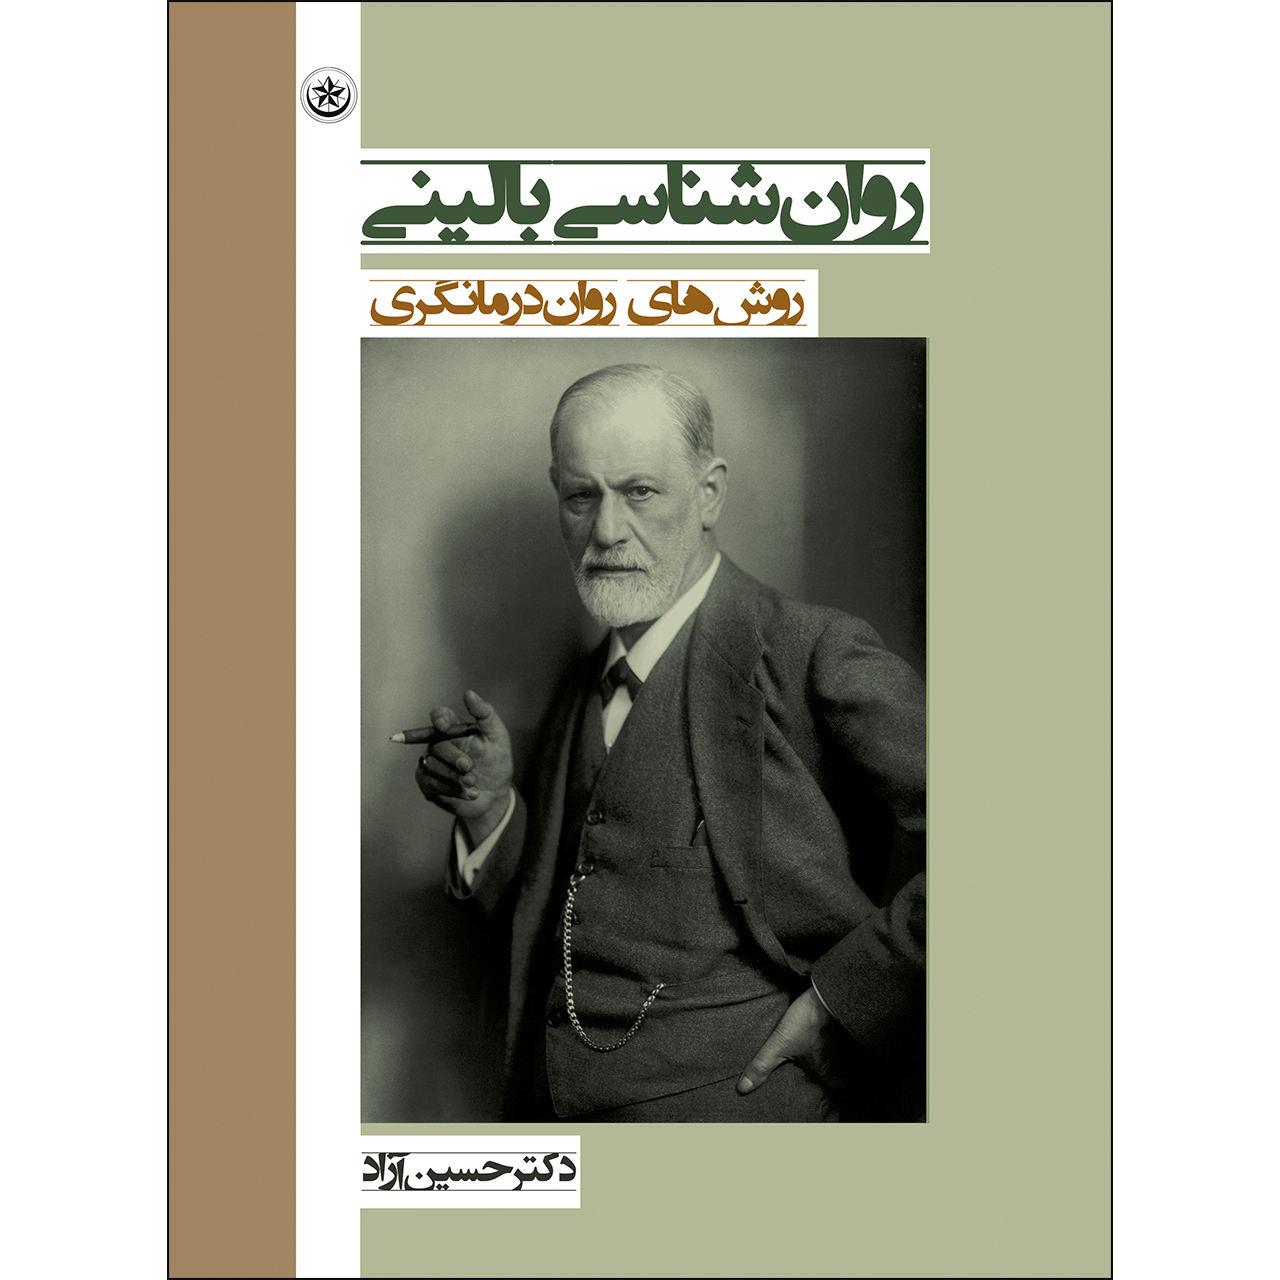 کتاب روانشناسی بالینی روشهای روان درمانگری اثر دکتر حسین آزاد انتشارات بعثت